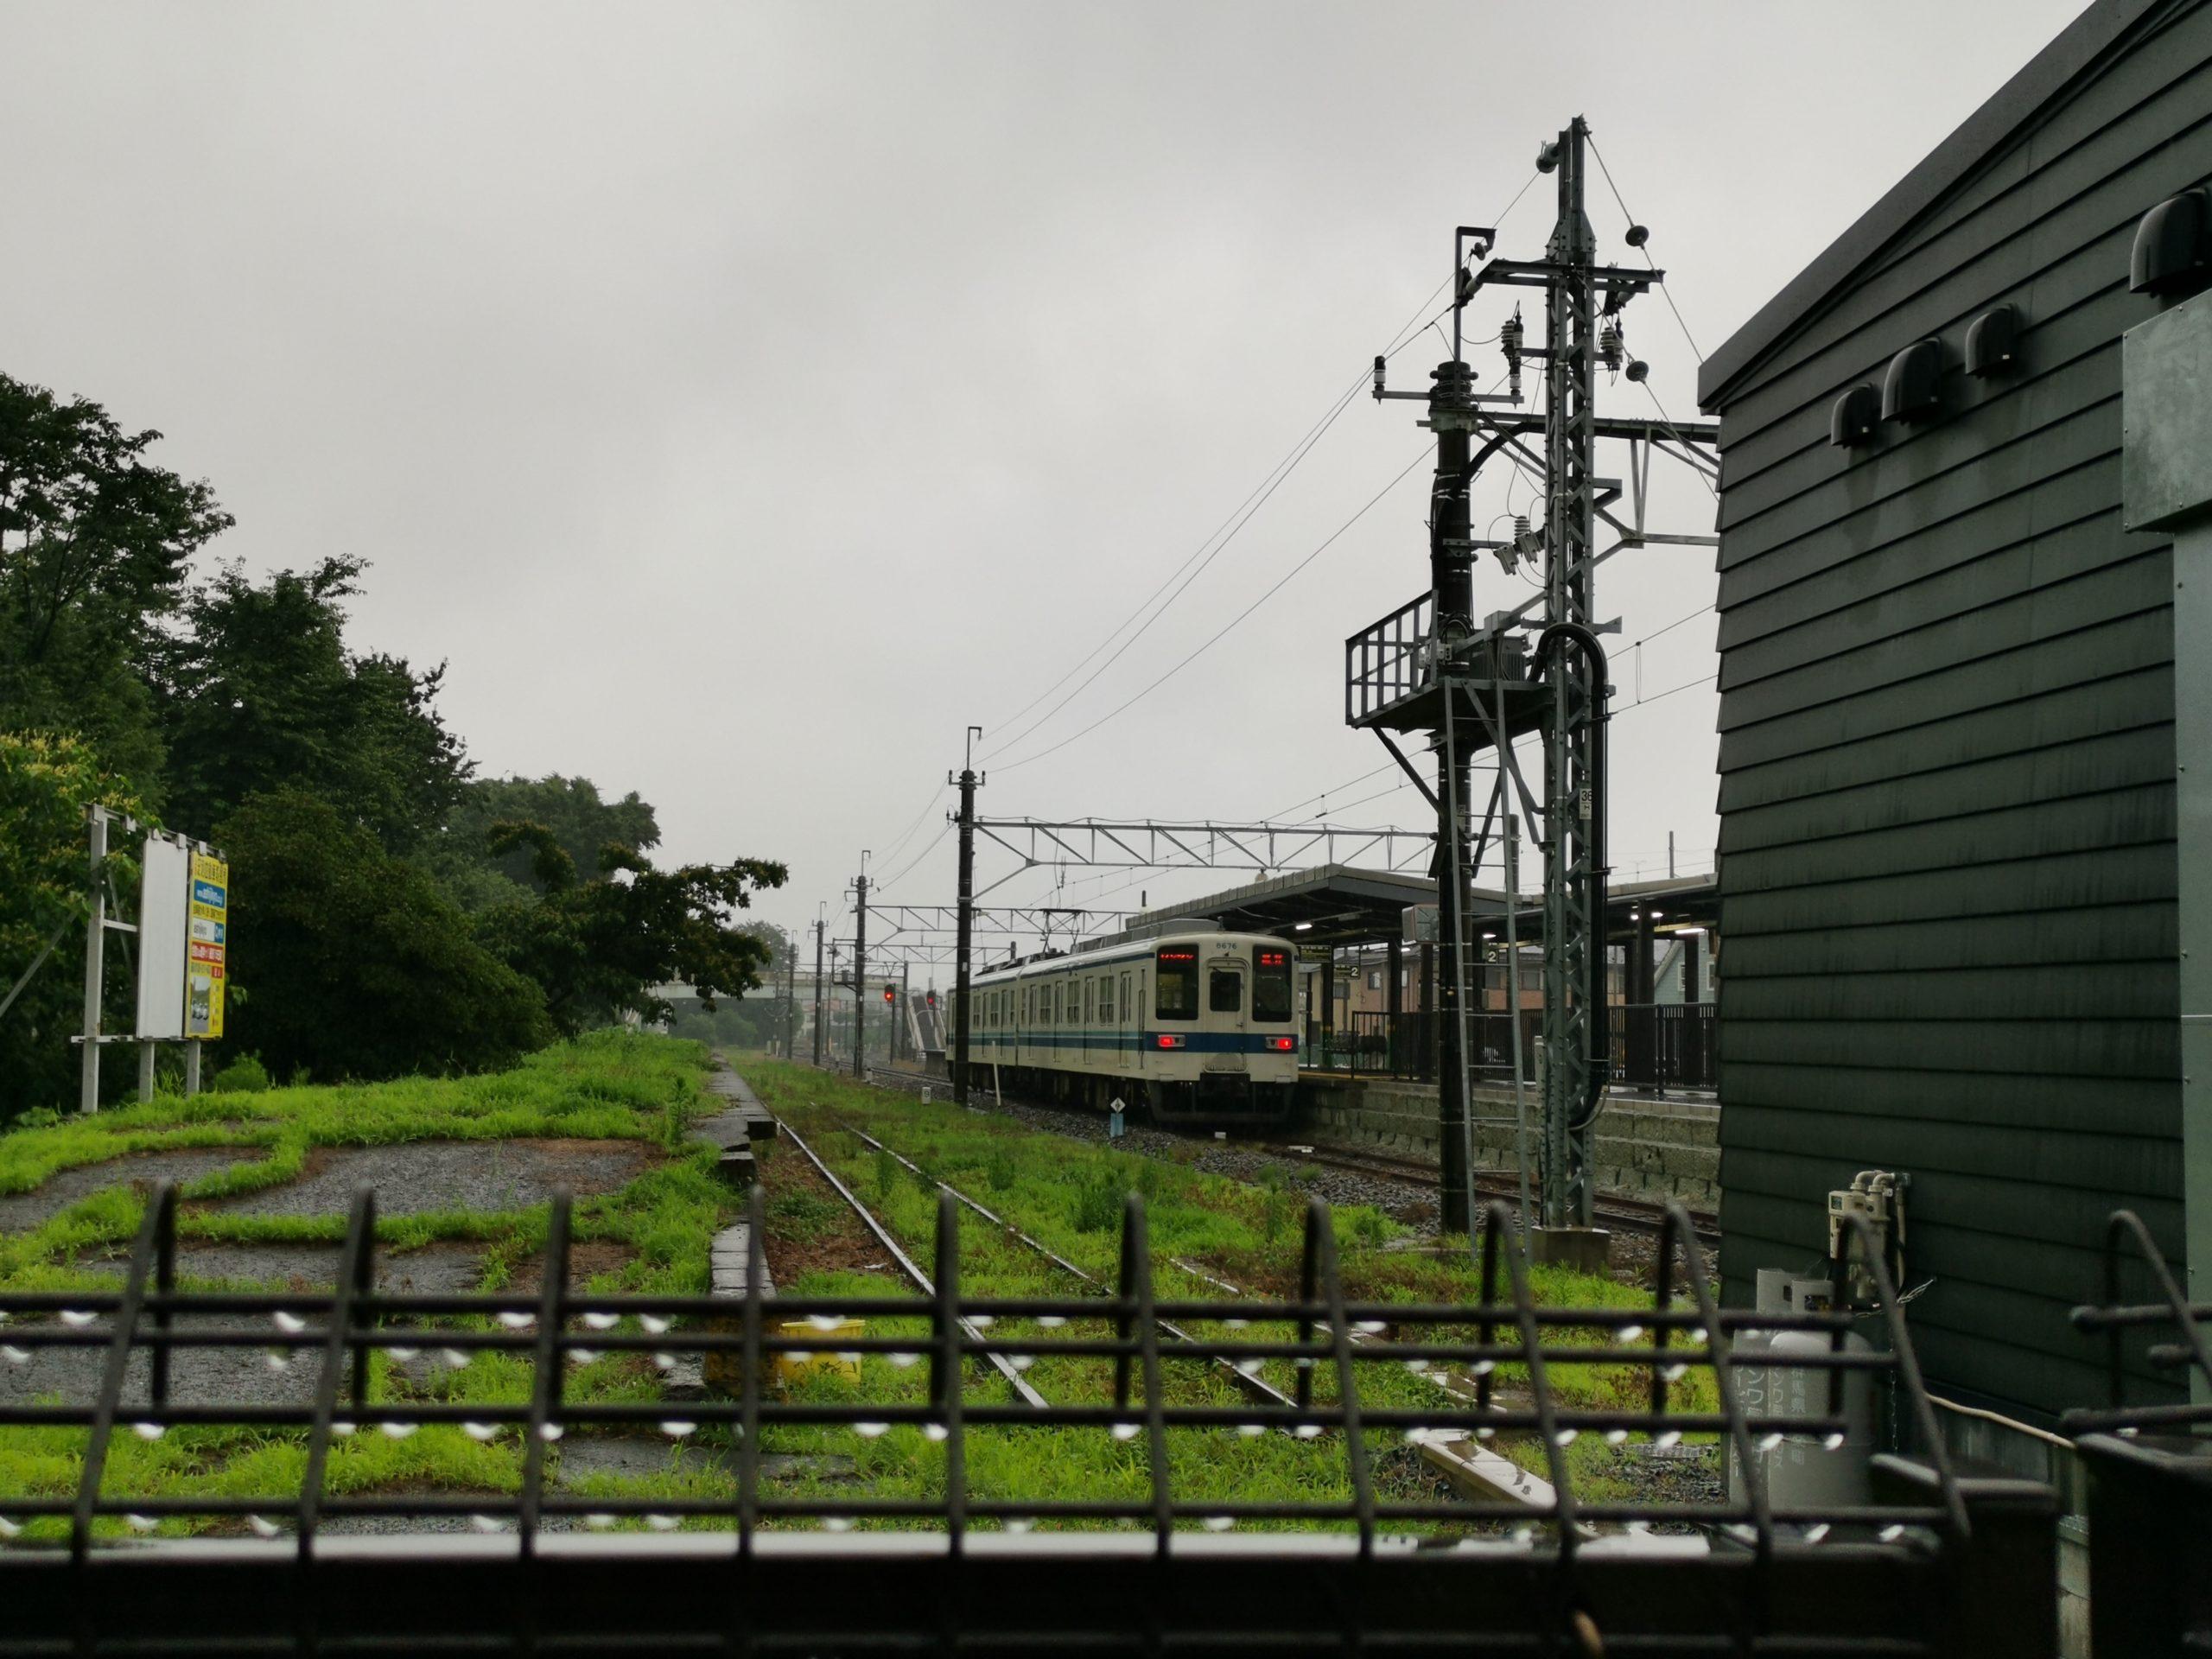 【東武鉄道】なぜこんなところに鉄道路線が?東武小泉線・東武佐野線に乗ってきた 各所に残る貨物線跡も観察